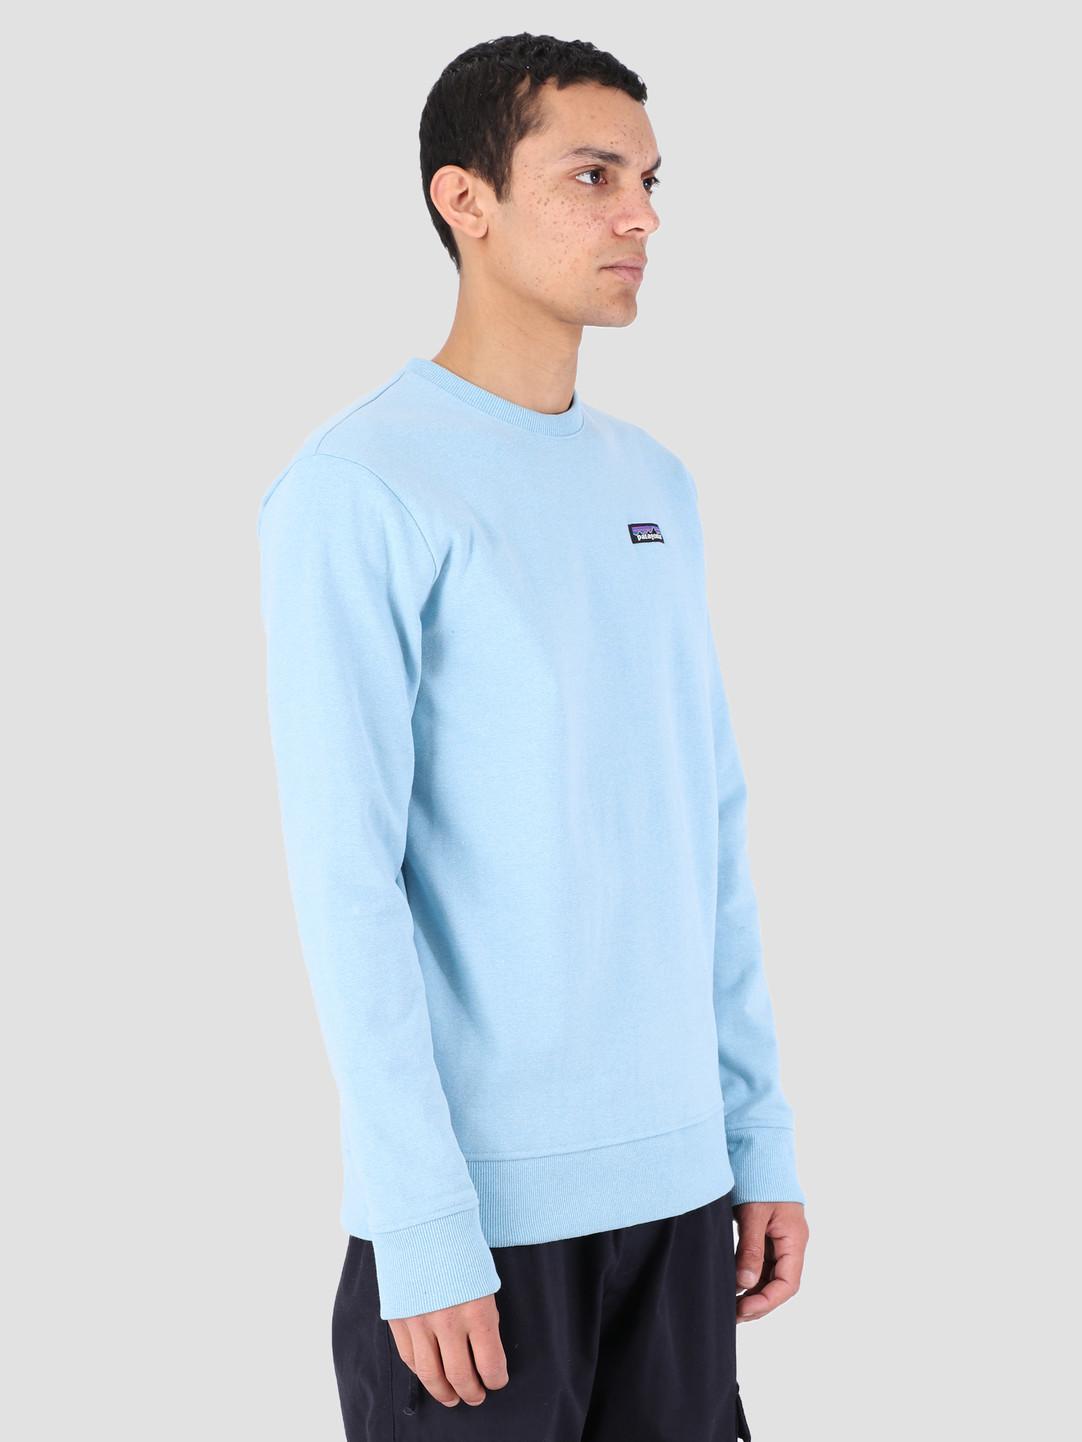 Patagonia Patagonia P 6 Label Uprisal Crew Sweatshirt Break Up Blue 39543